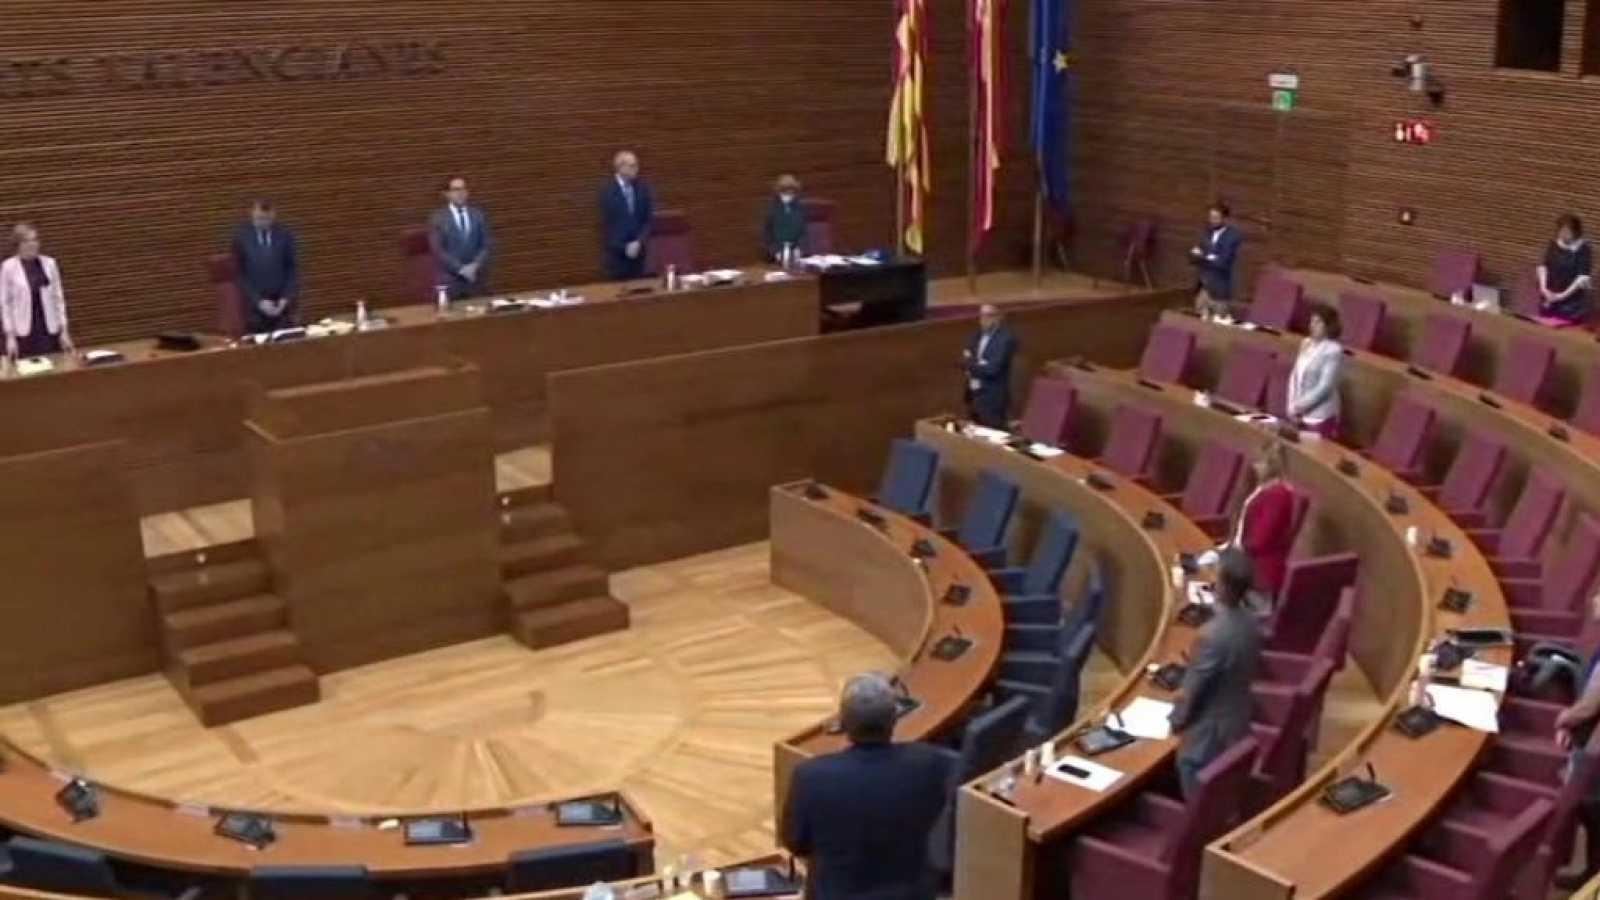 L'Informatiu - Comunitat Valenciana 2 - 27/05/20 - ver ahora